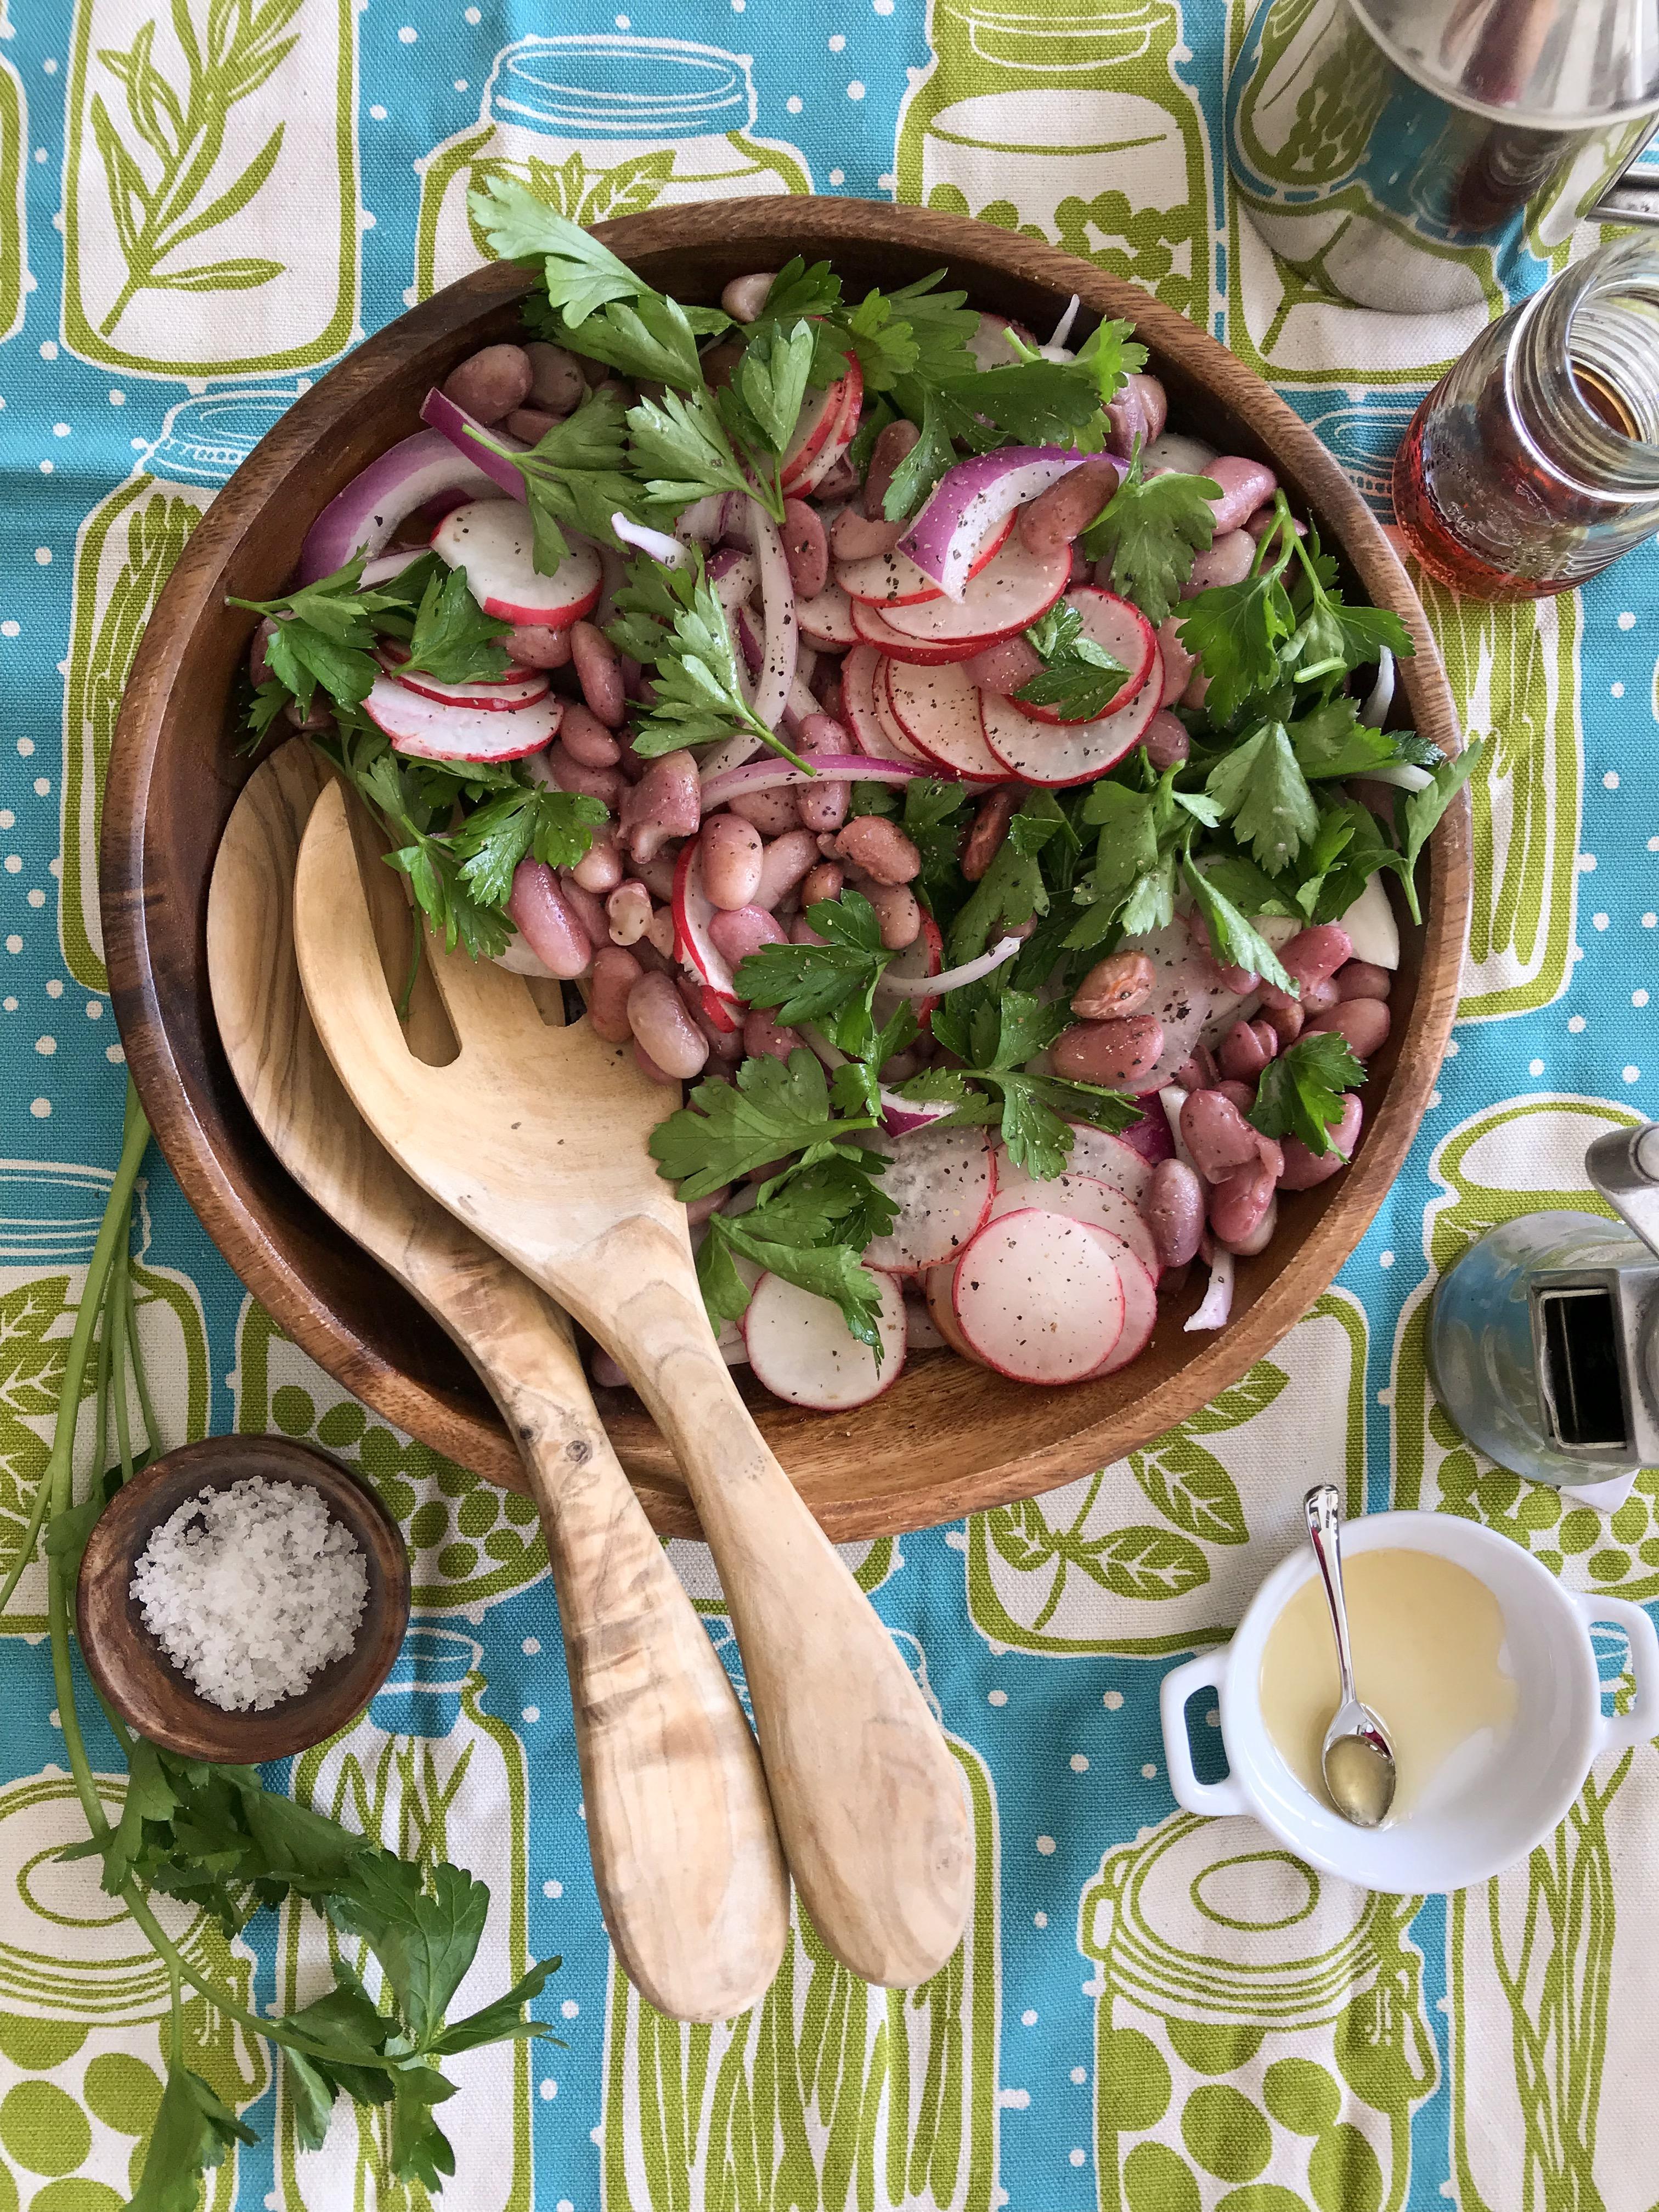 ensalada frejoles rabano cebolla